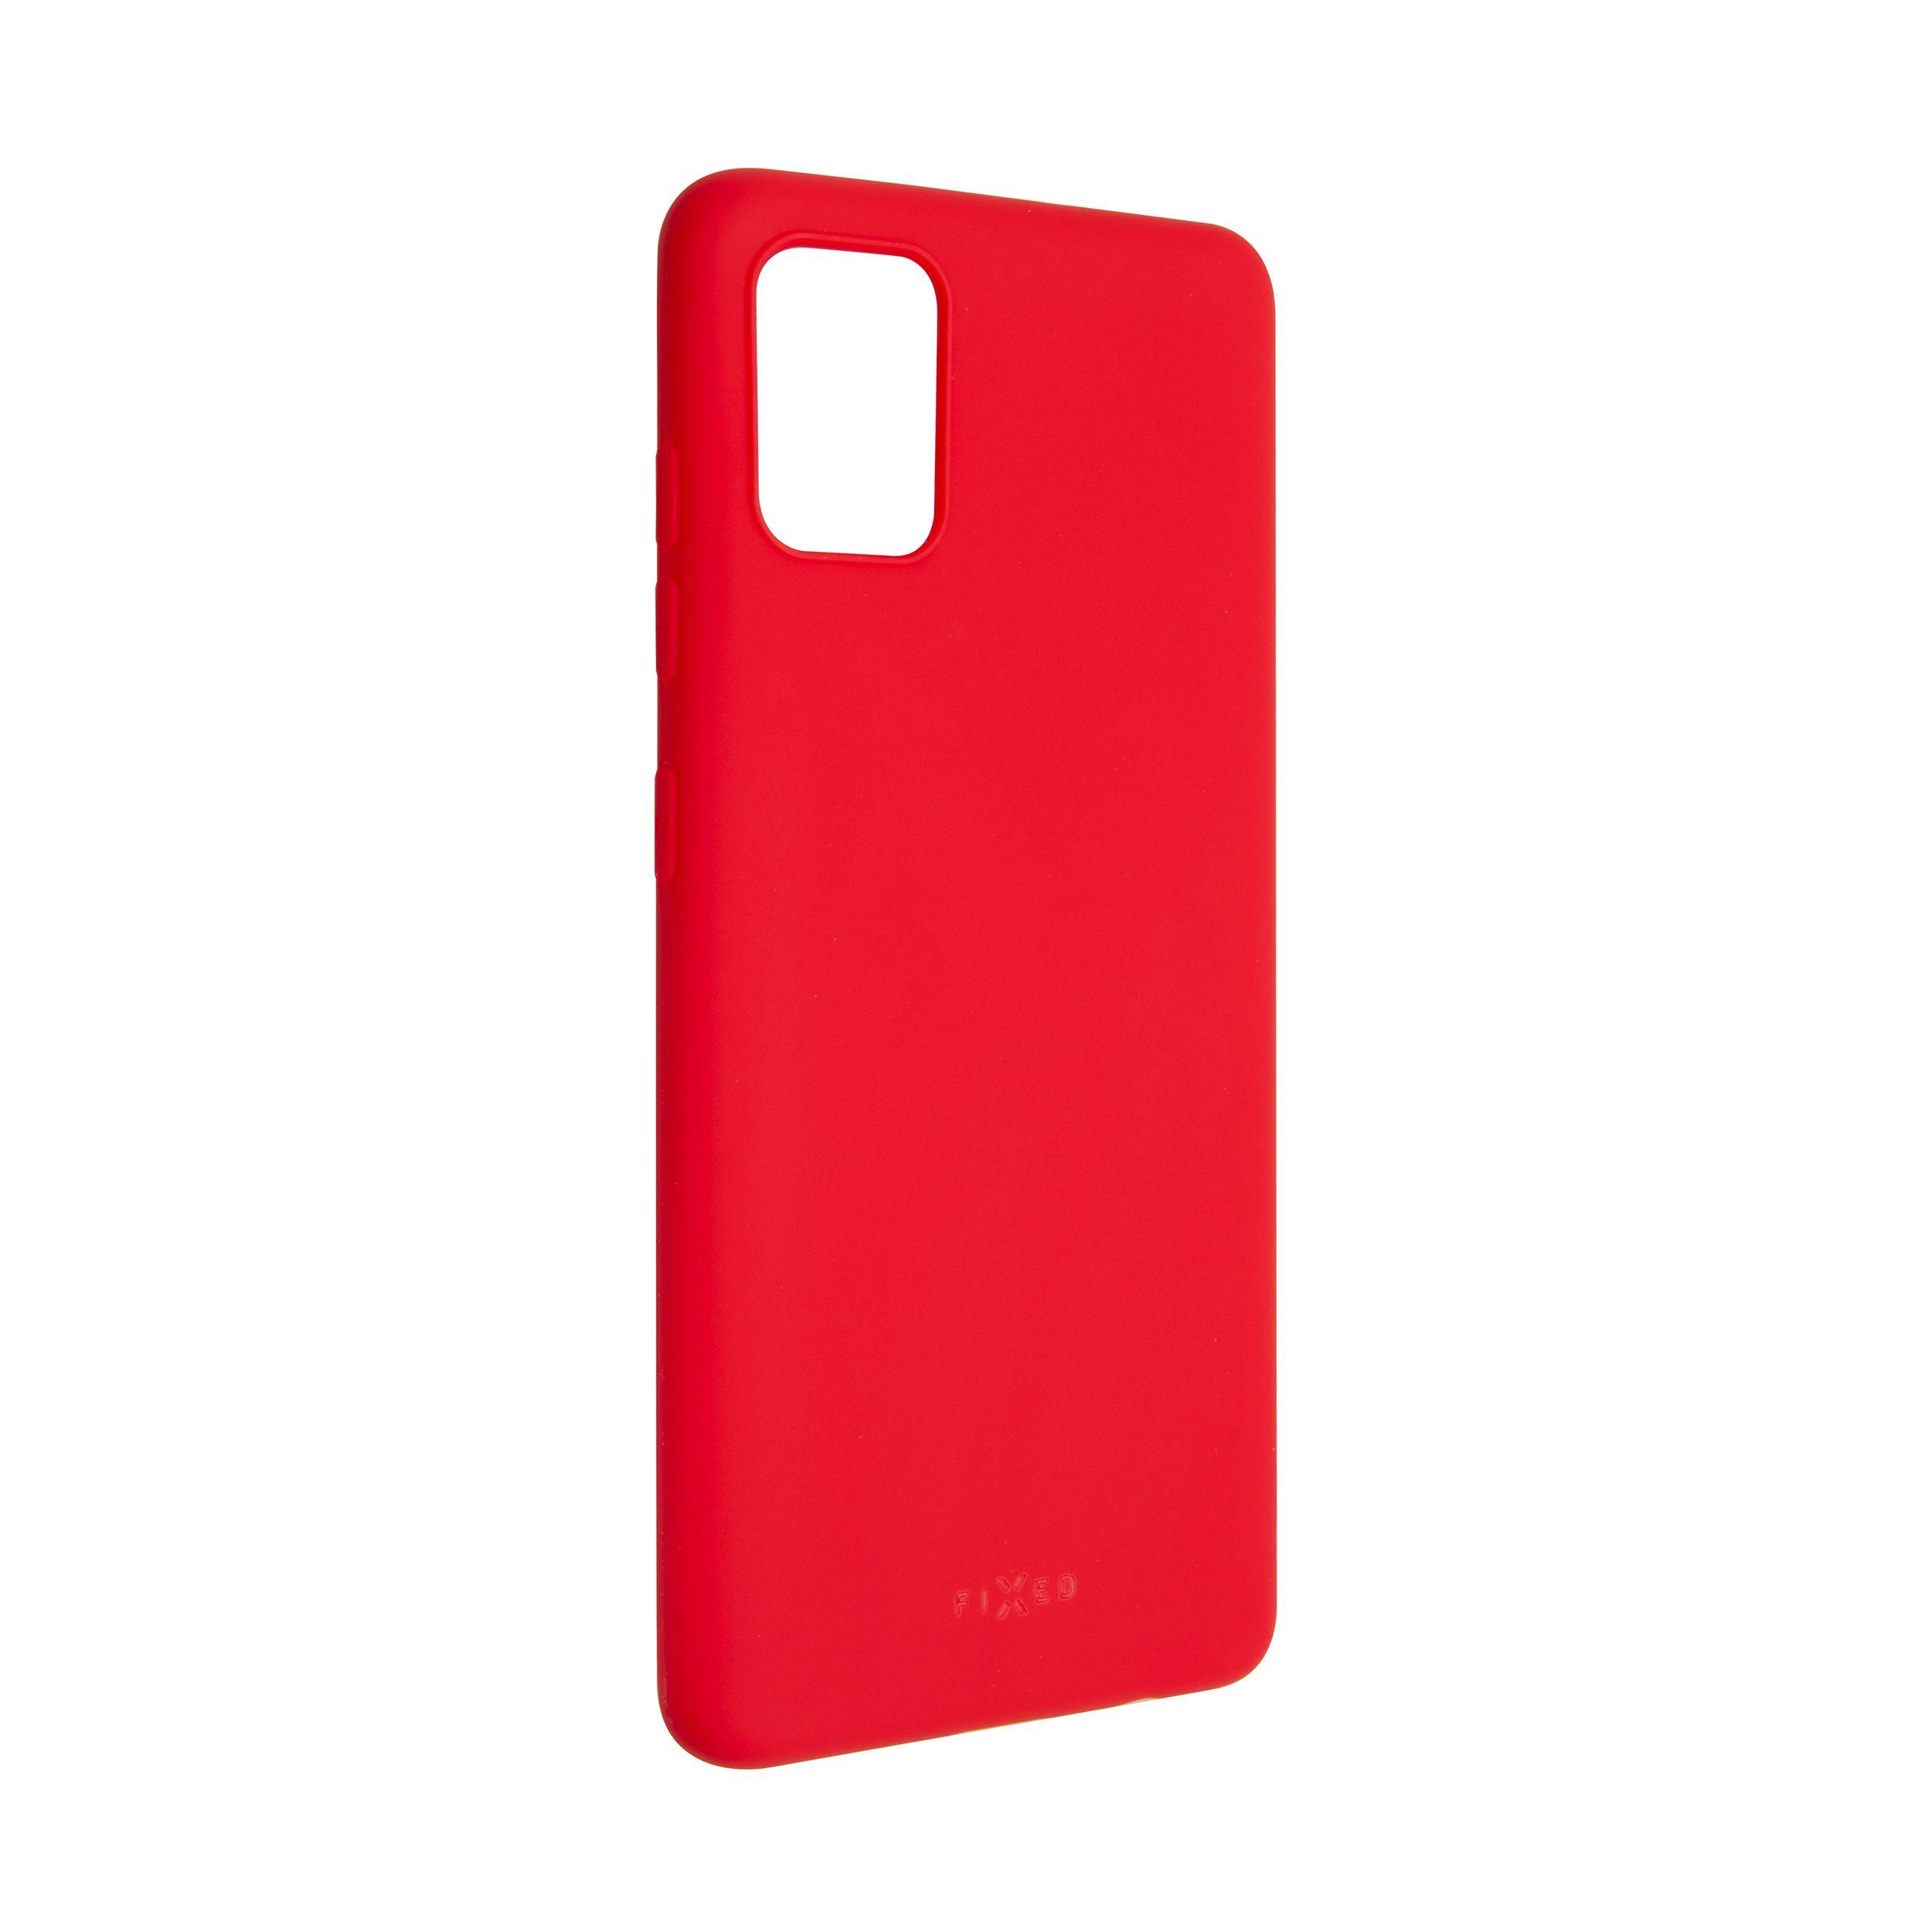 Zadní pogumovaný kryt FIXED Story pro Samsung Galaxy A51, červený